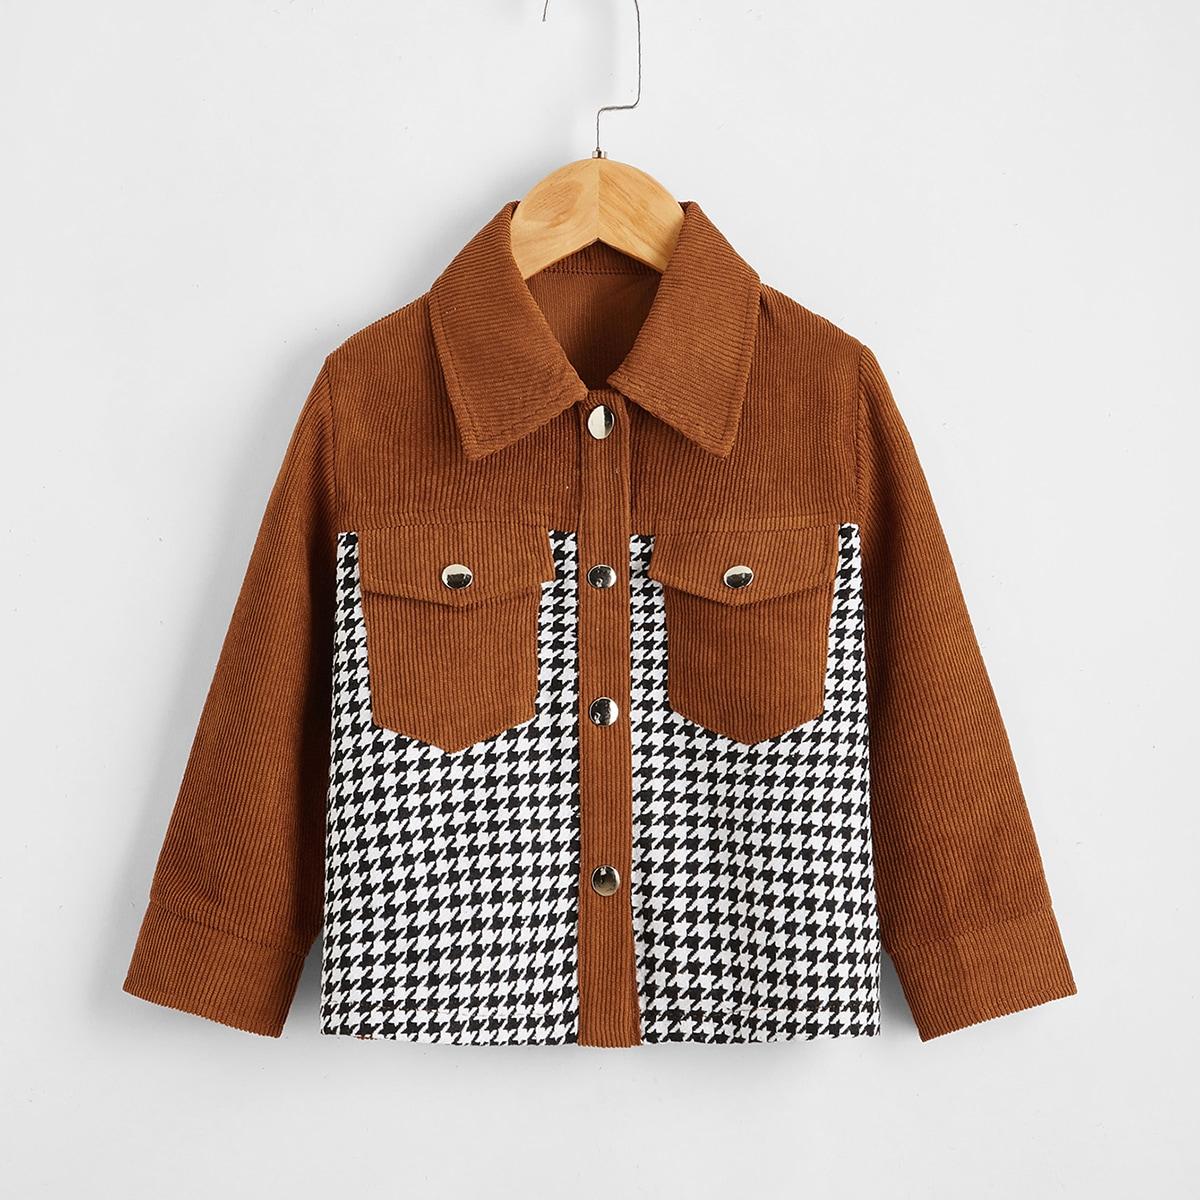 С карманами хаундстут повседневный куртки для девочек